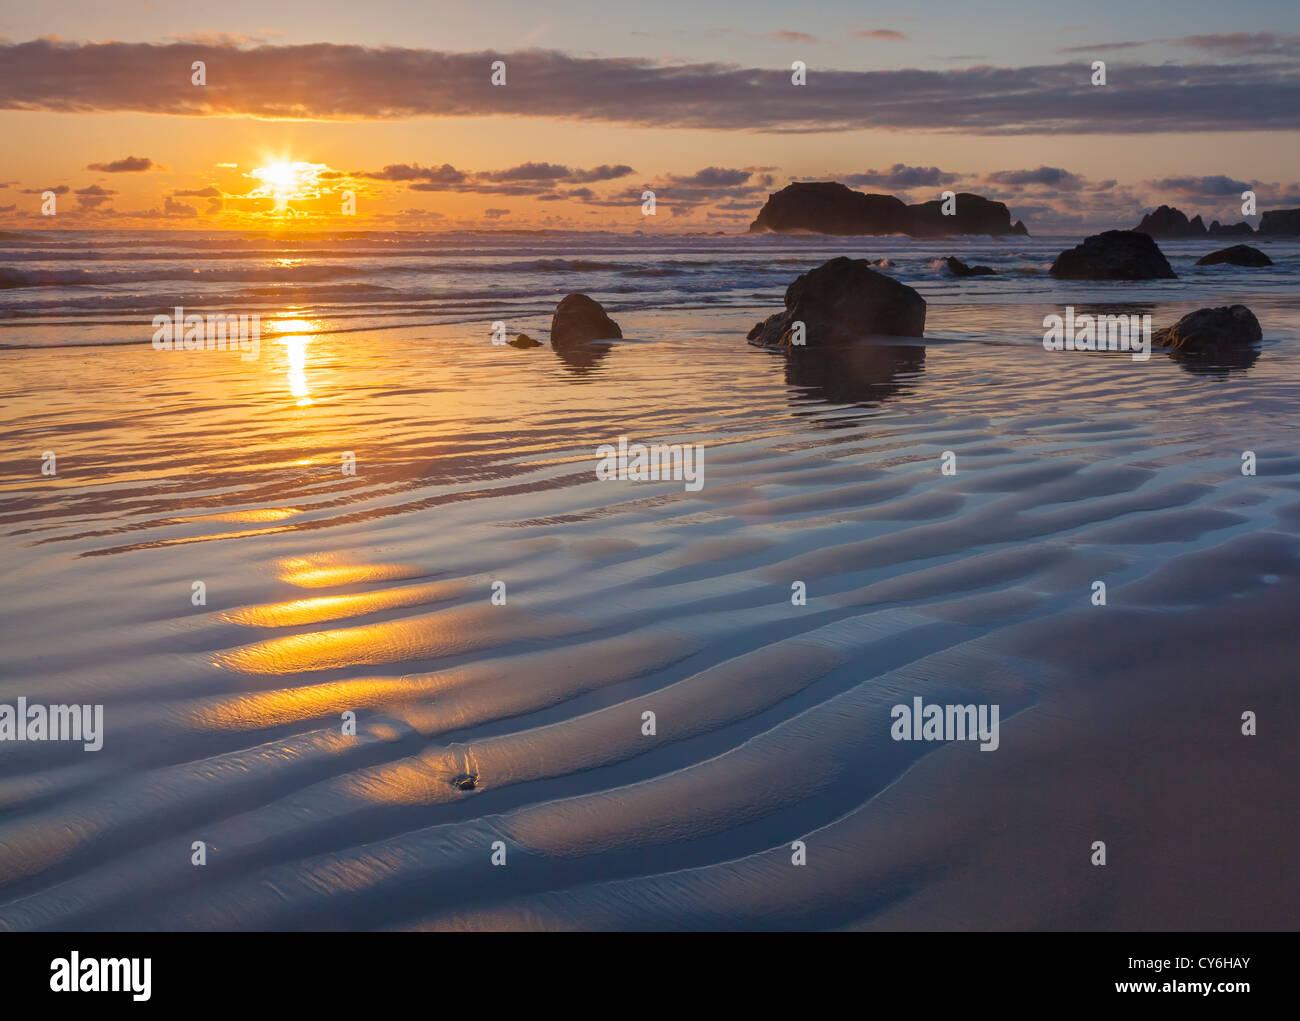 Parc d'état de Bandon, Oregon: réflexions Coucher de soleil à marée basse avec la Photo Stock